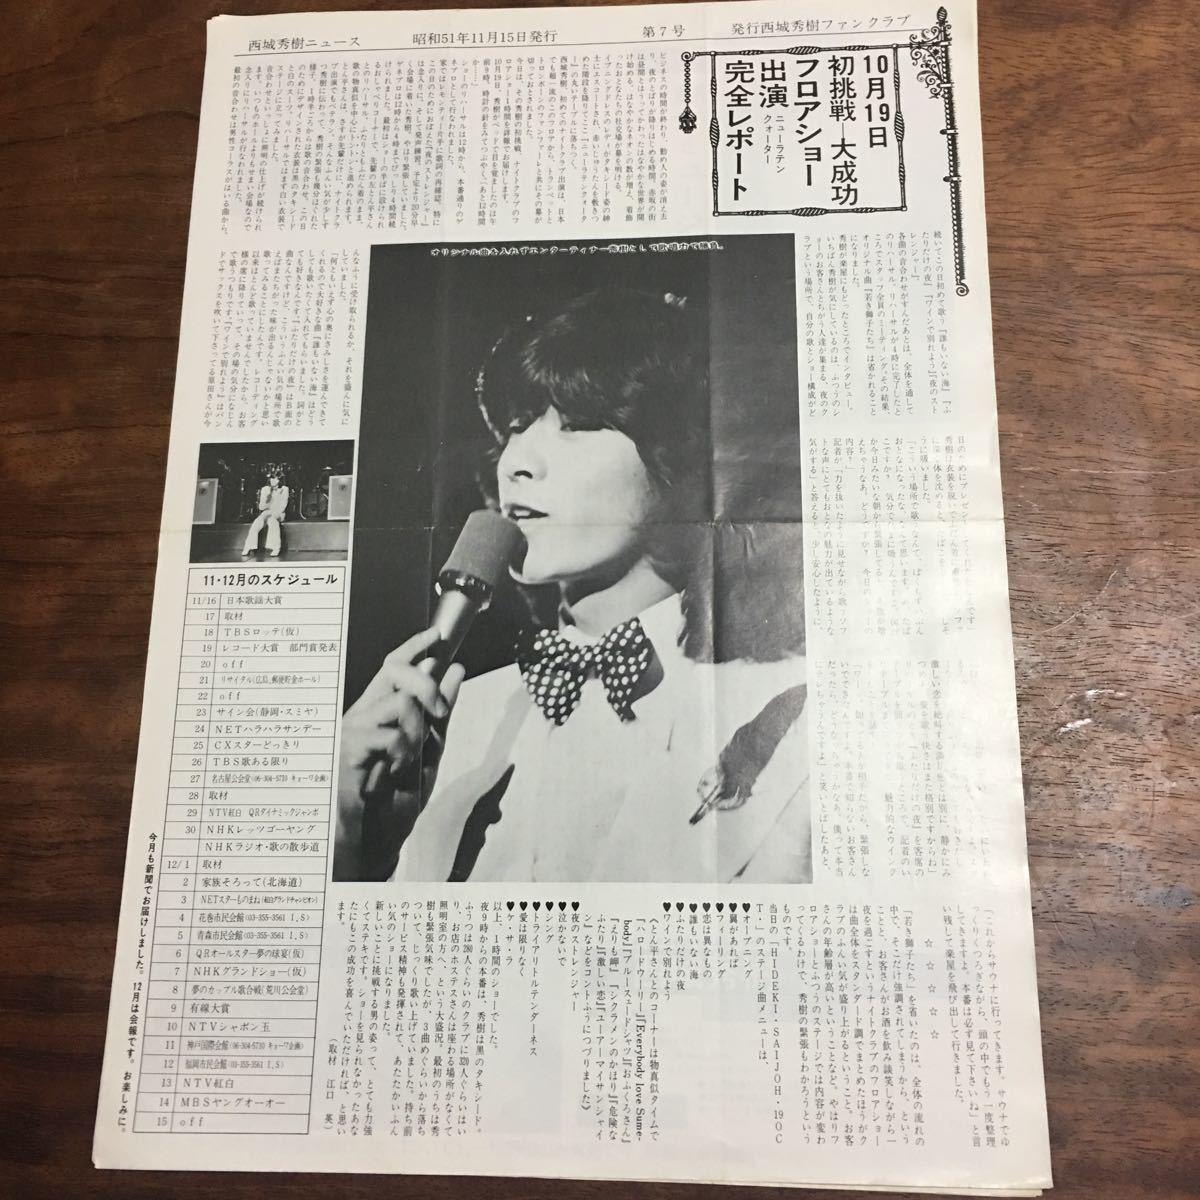 西城秀樹 ファンクラブ会報誌 西城秀樹ニュース 昭和51年 6号~10号_画像2